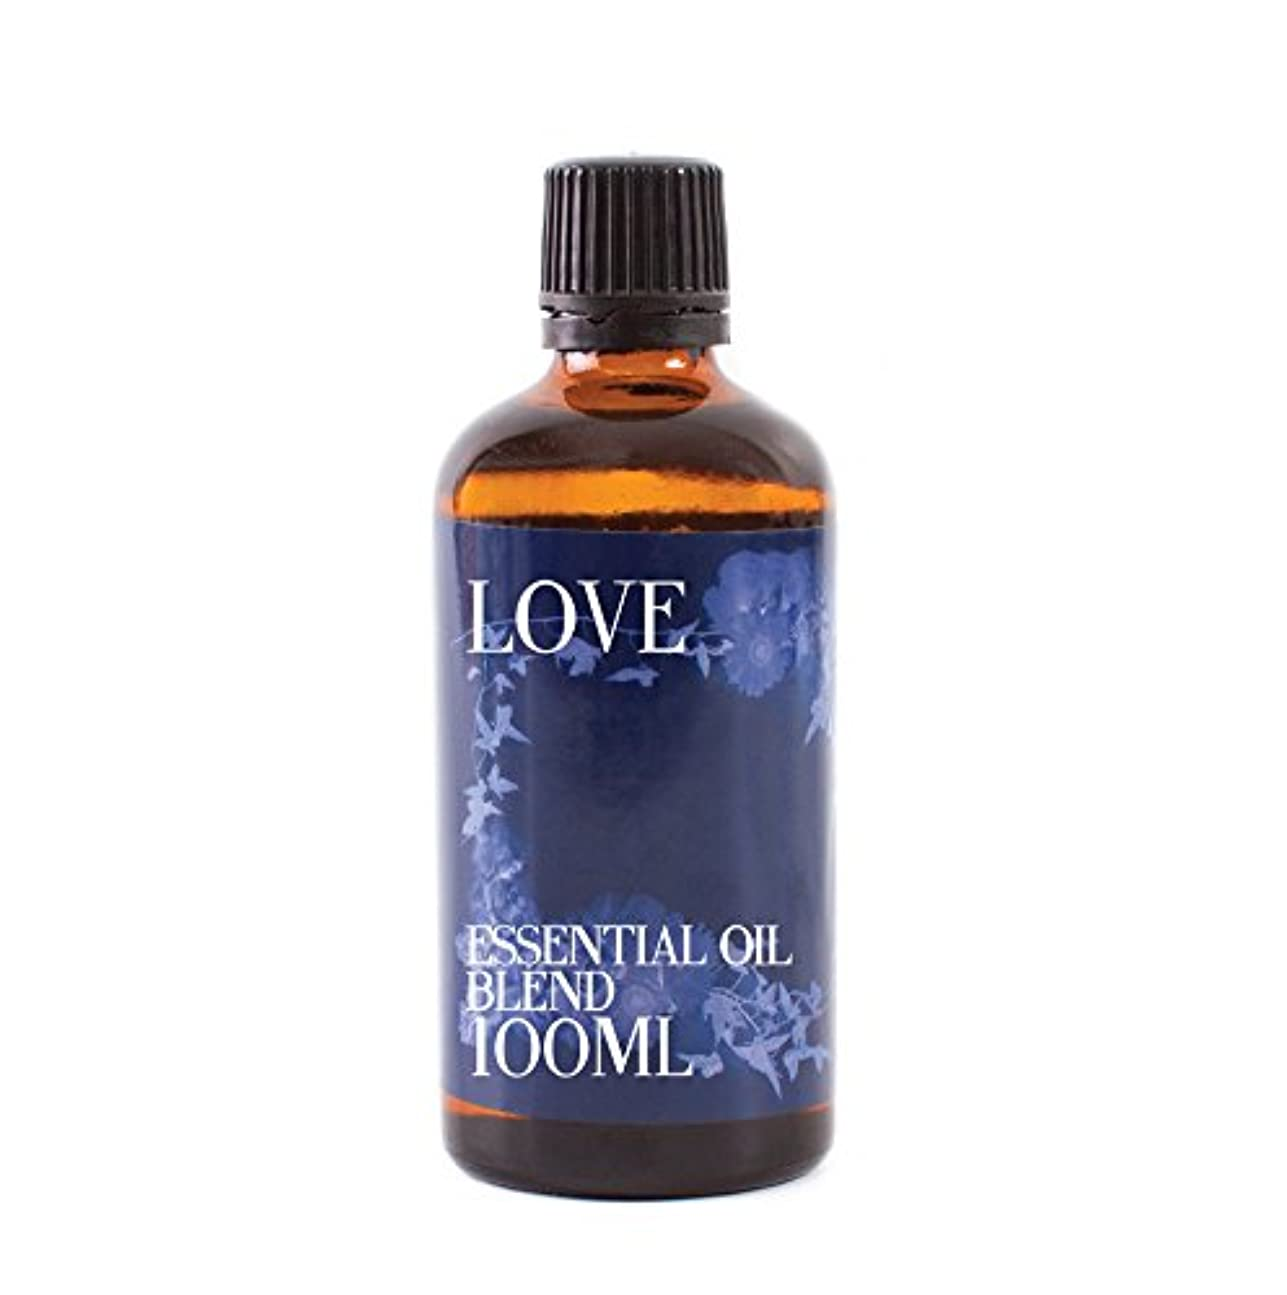 マイクネコインターネットMystic Moments | Love Essential Oil Blend - 100ml - 100% Pure